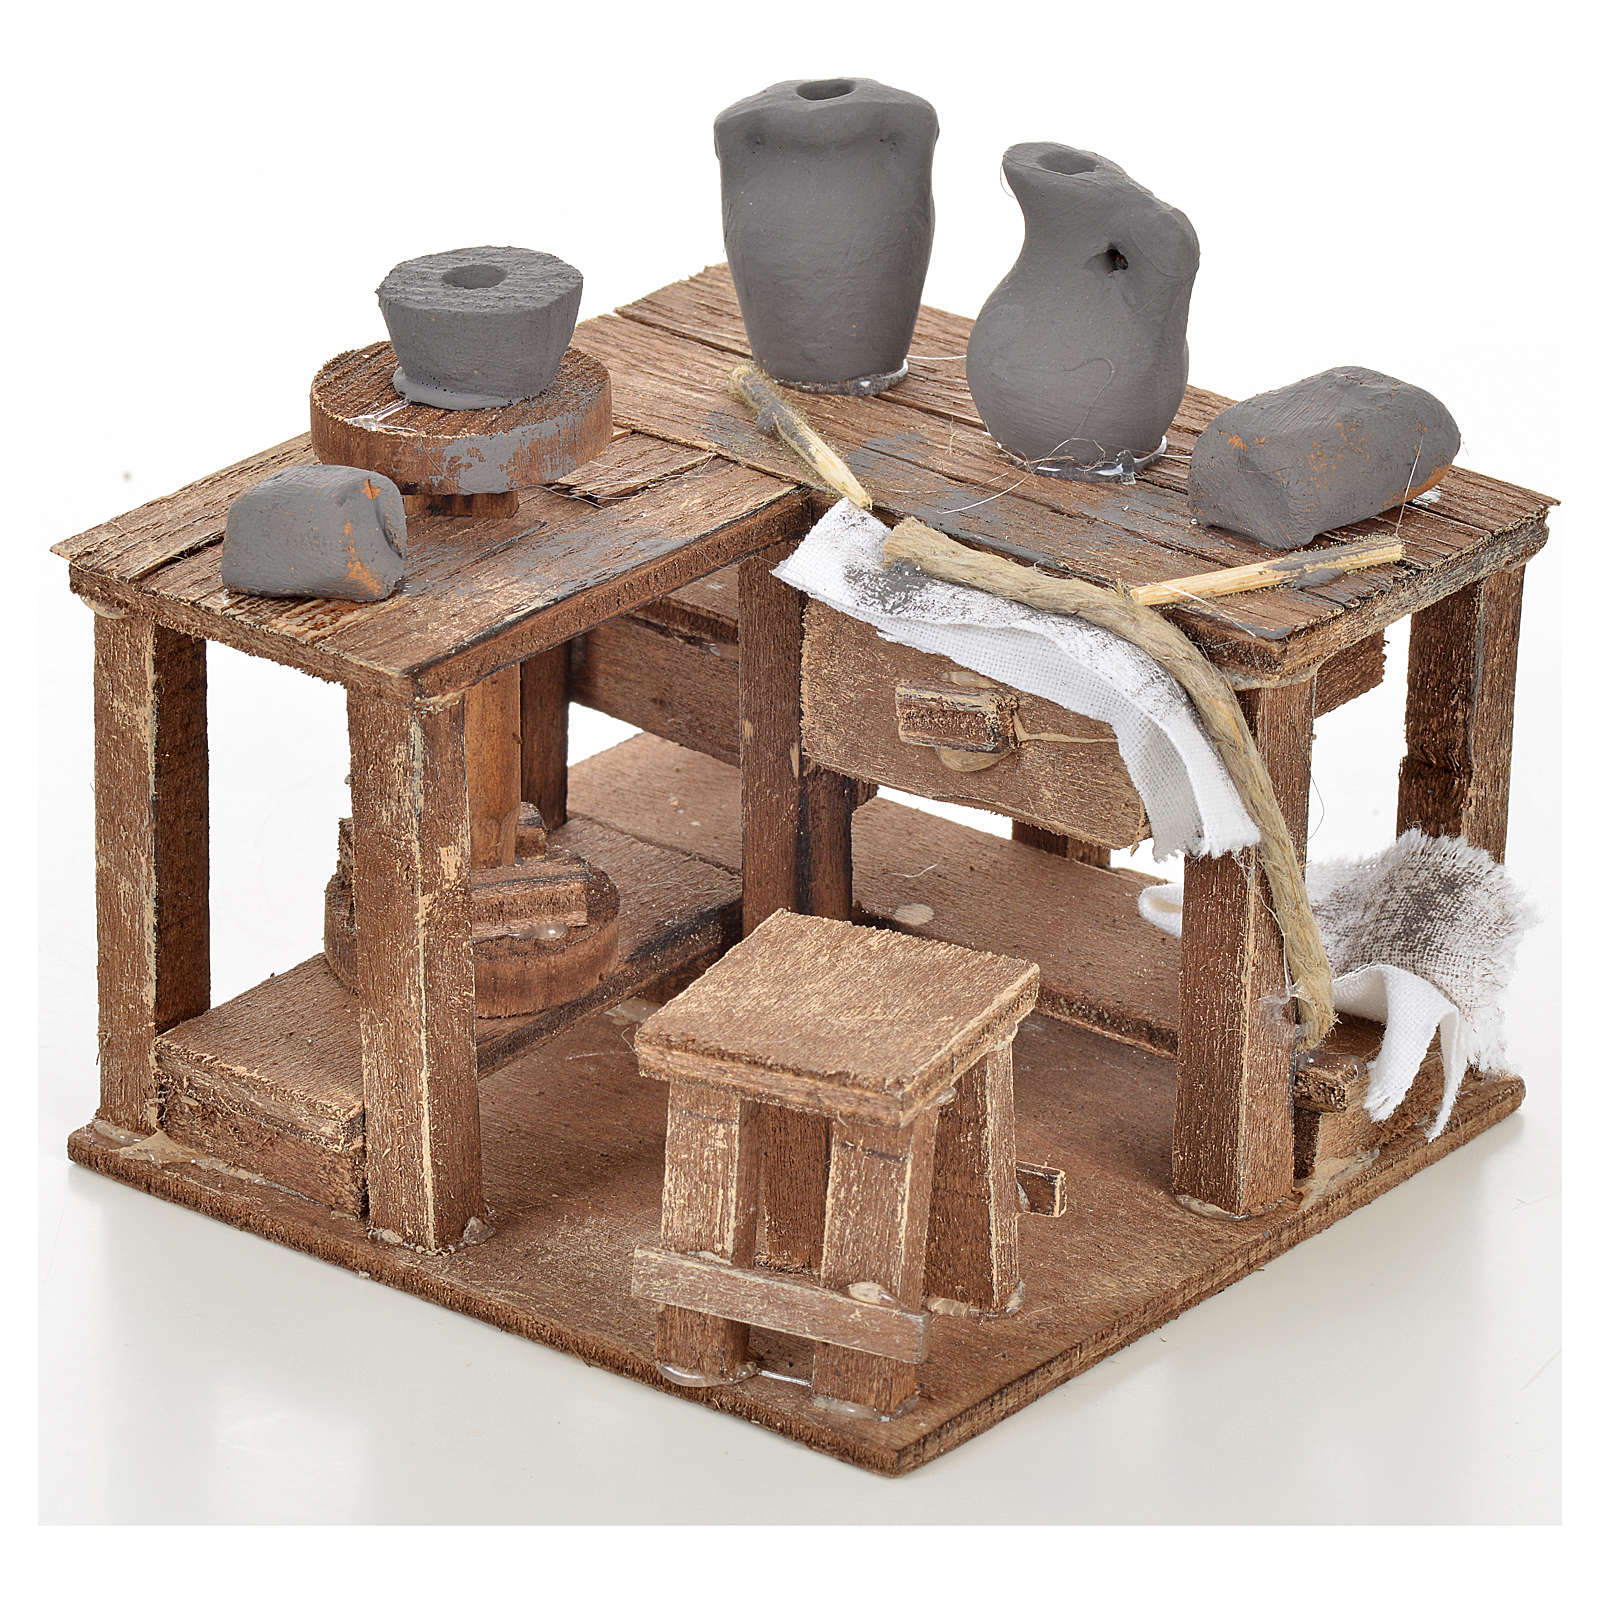 Table du potier miniature pour crèche Napolitaine 9x9x6 4